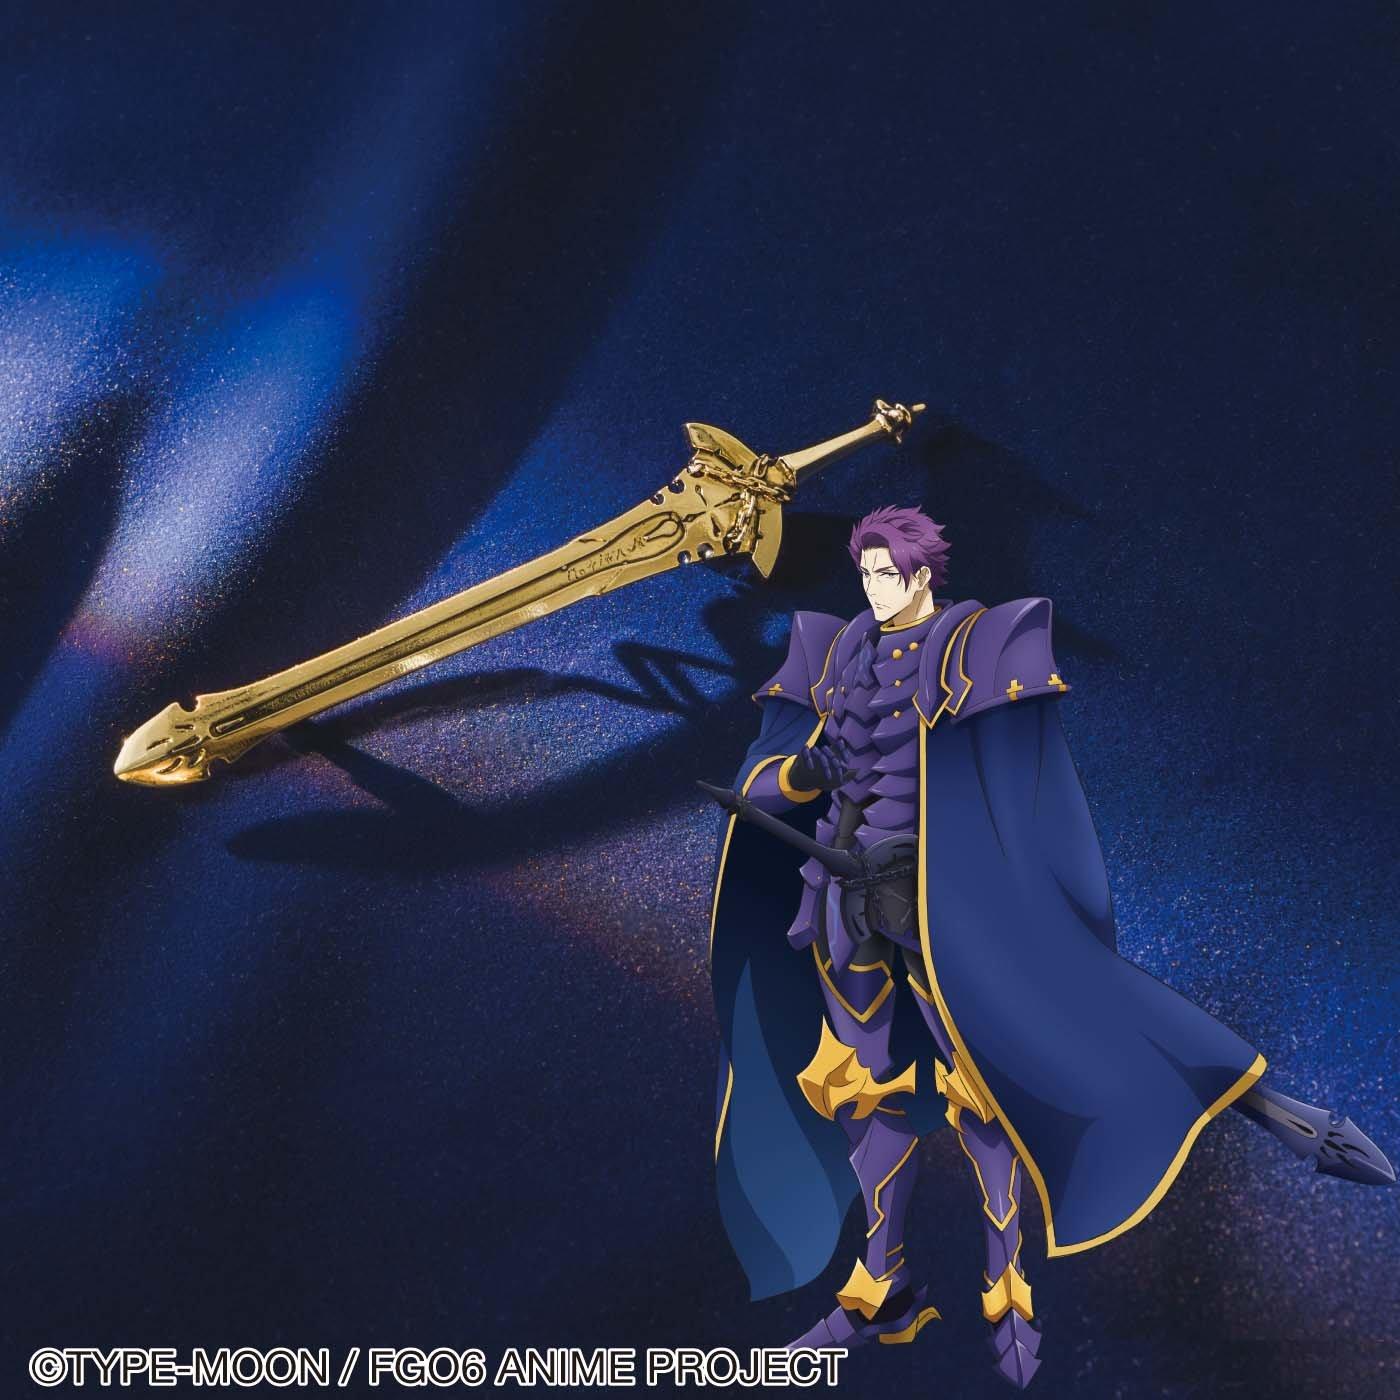 劇場版Fate/Grand Order-神聖円卓領域キャメロット- 円卓の騎士 バレッタ〈アロンダイト〉